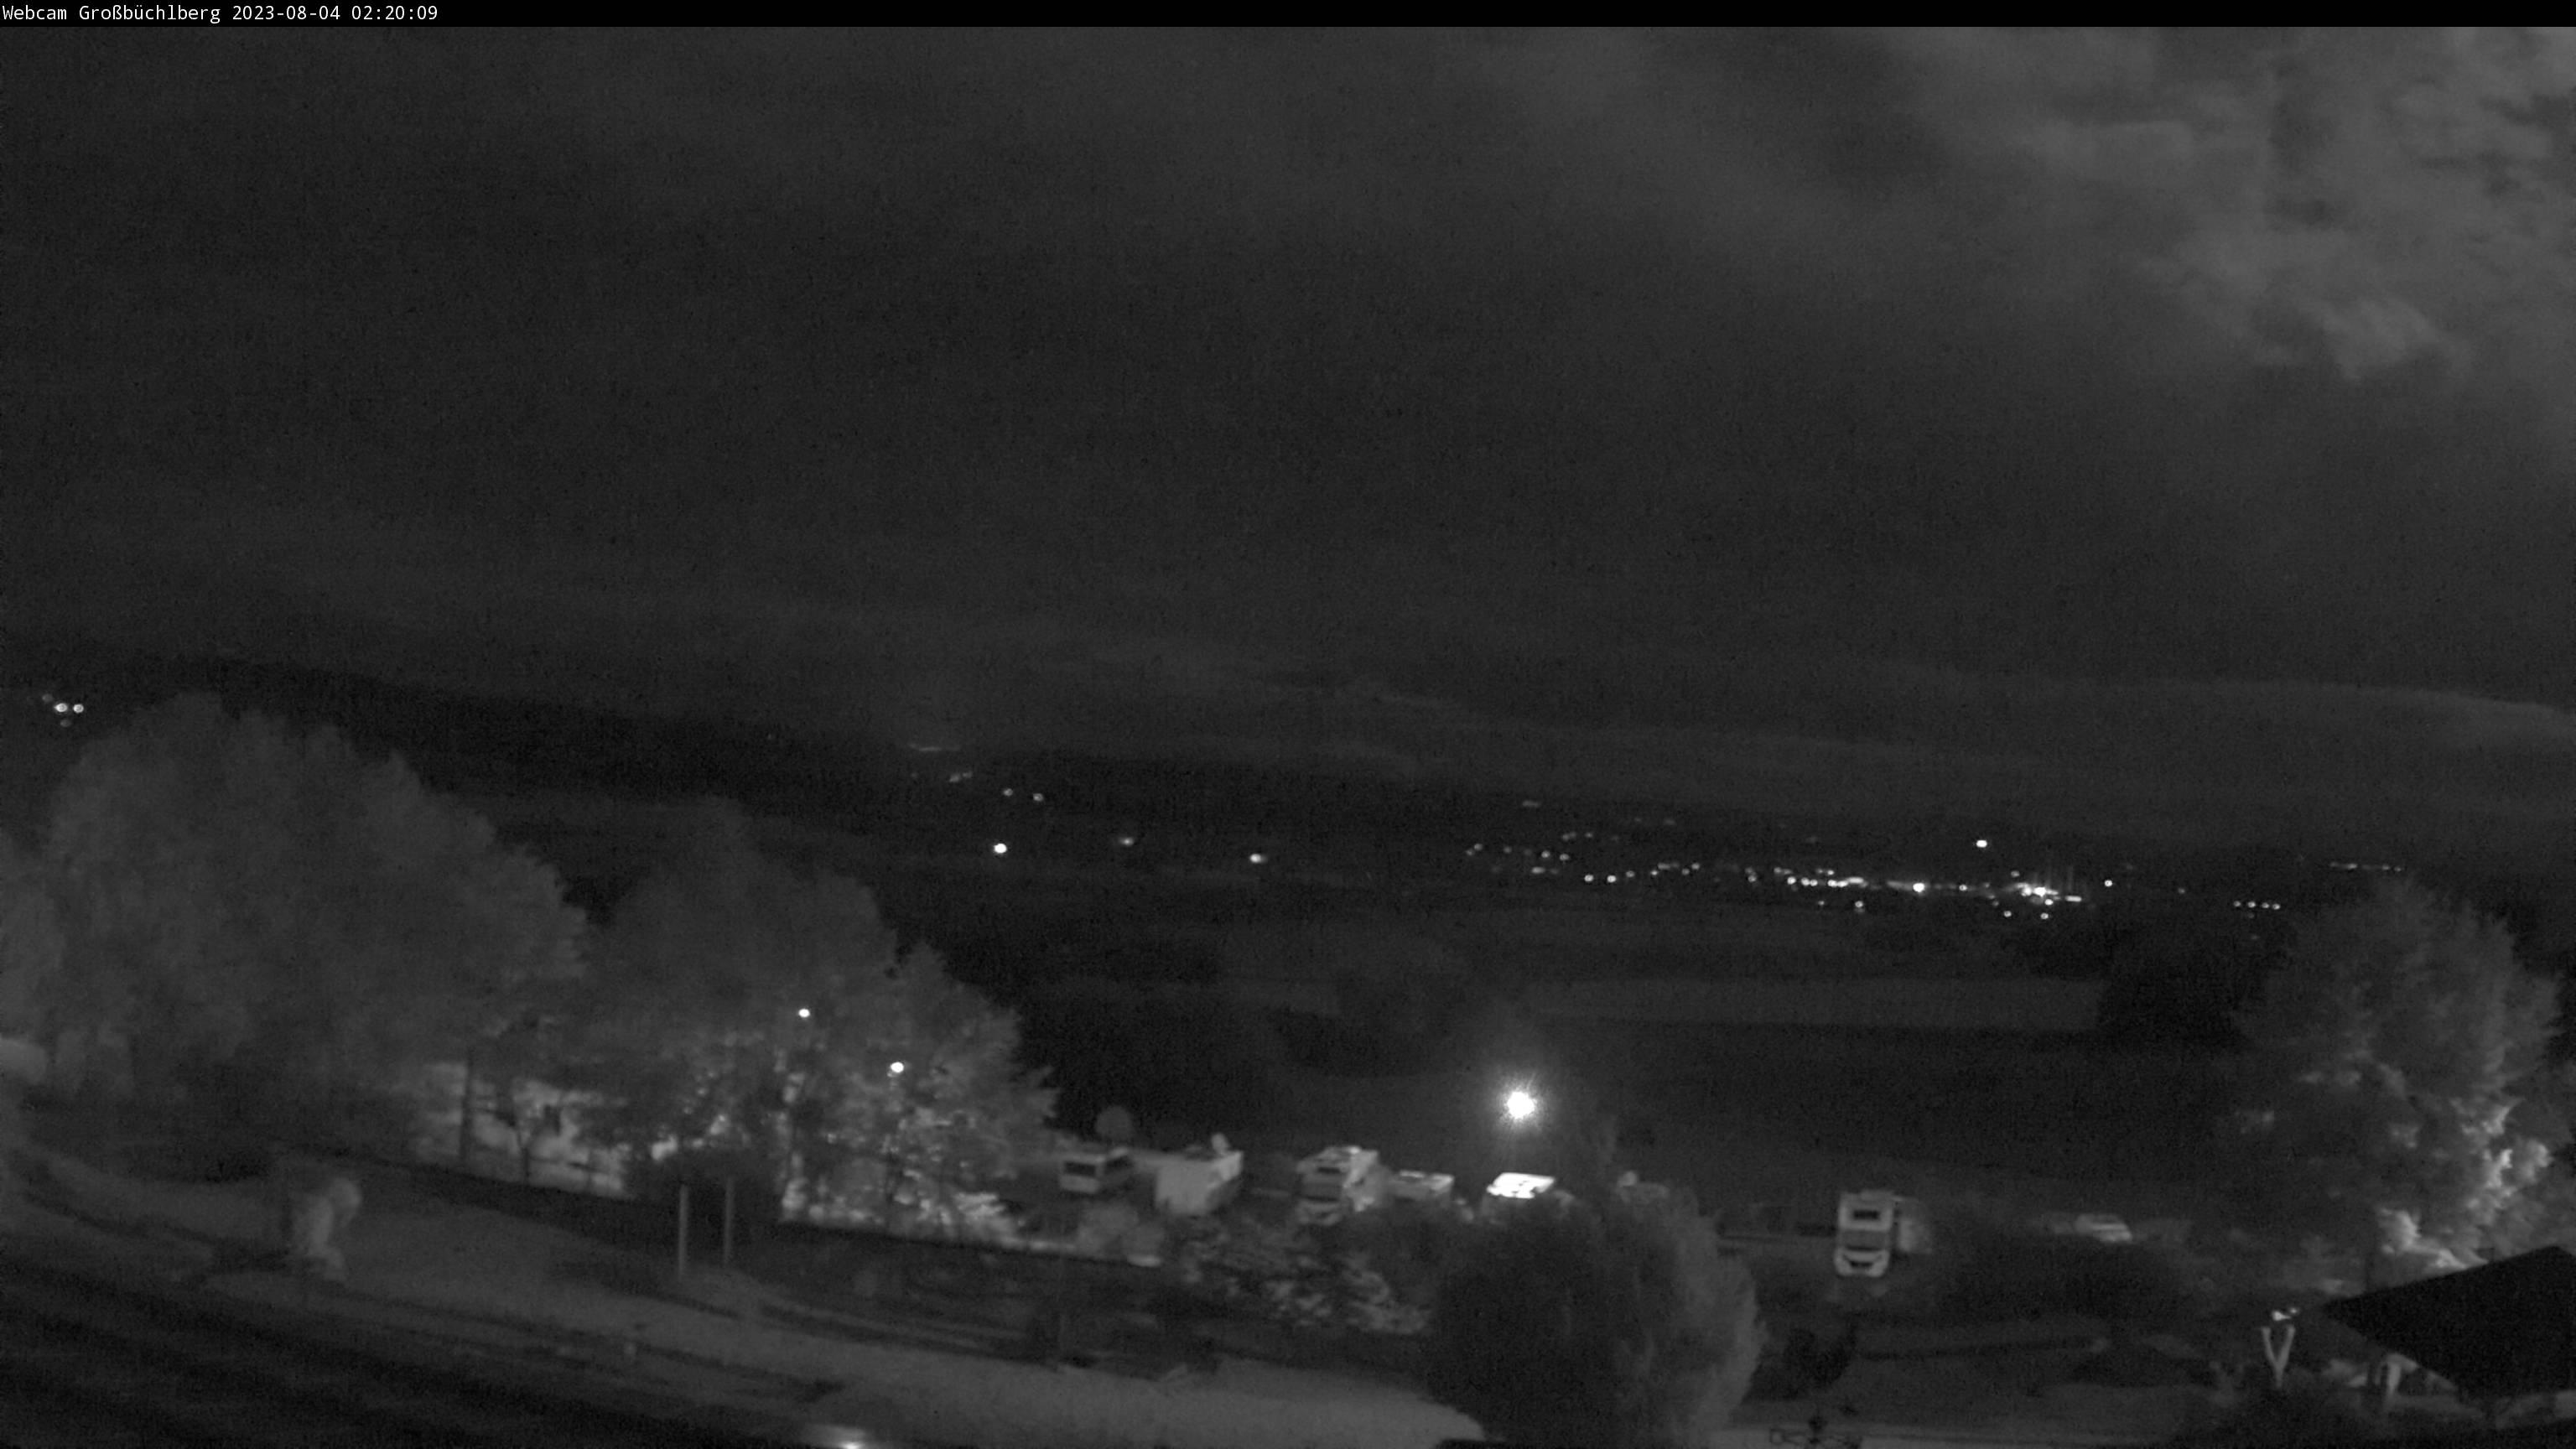 Webcam Großbüchlberg